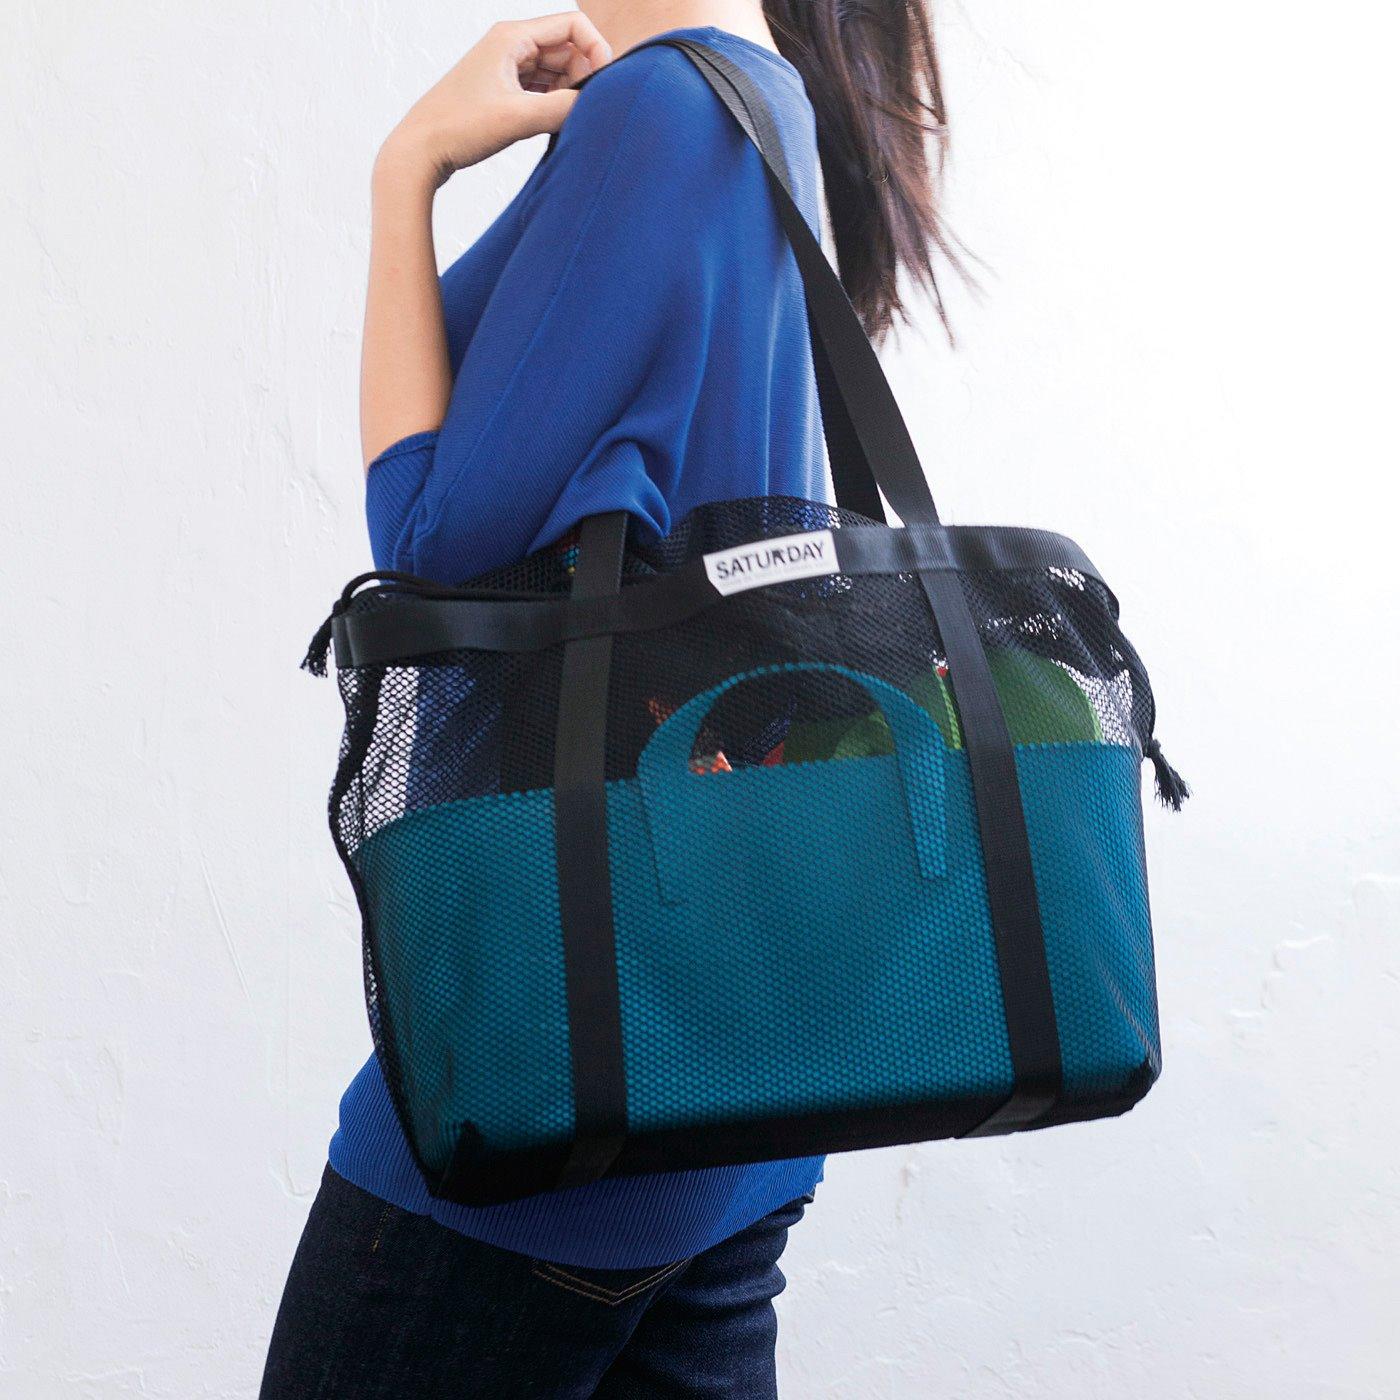 肩に掛けられるから、荷物が多いときも持ち運びやすい。